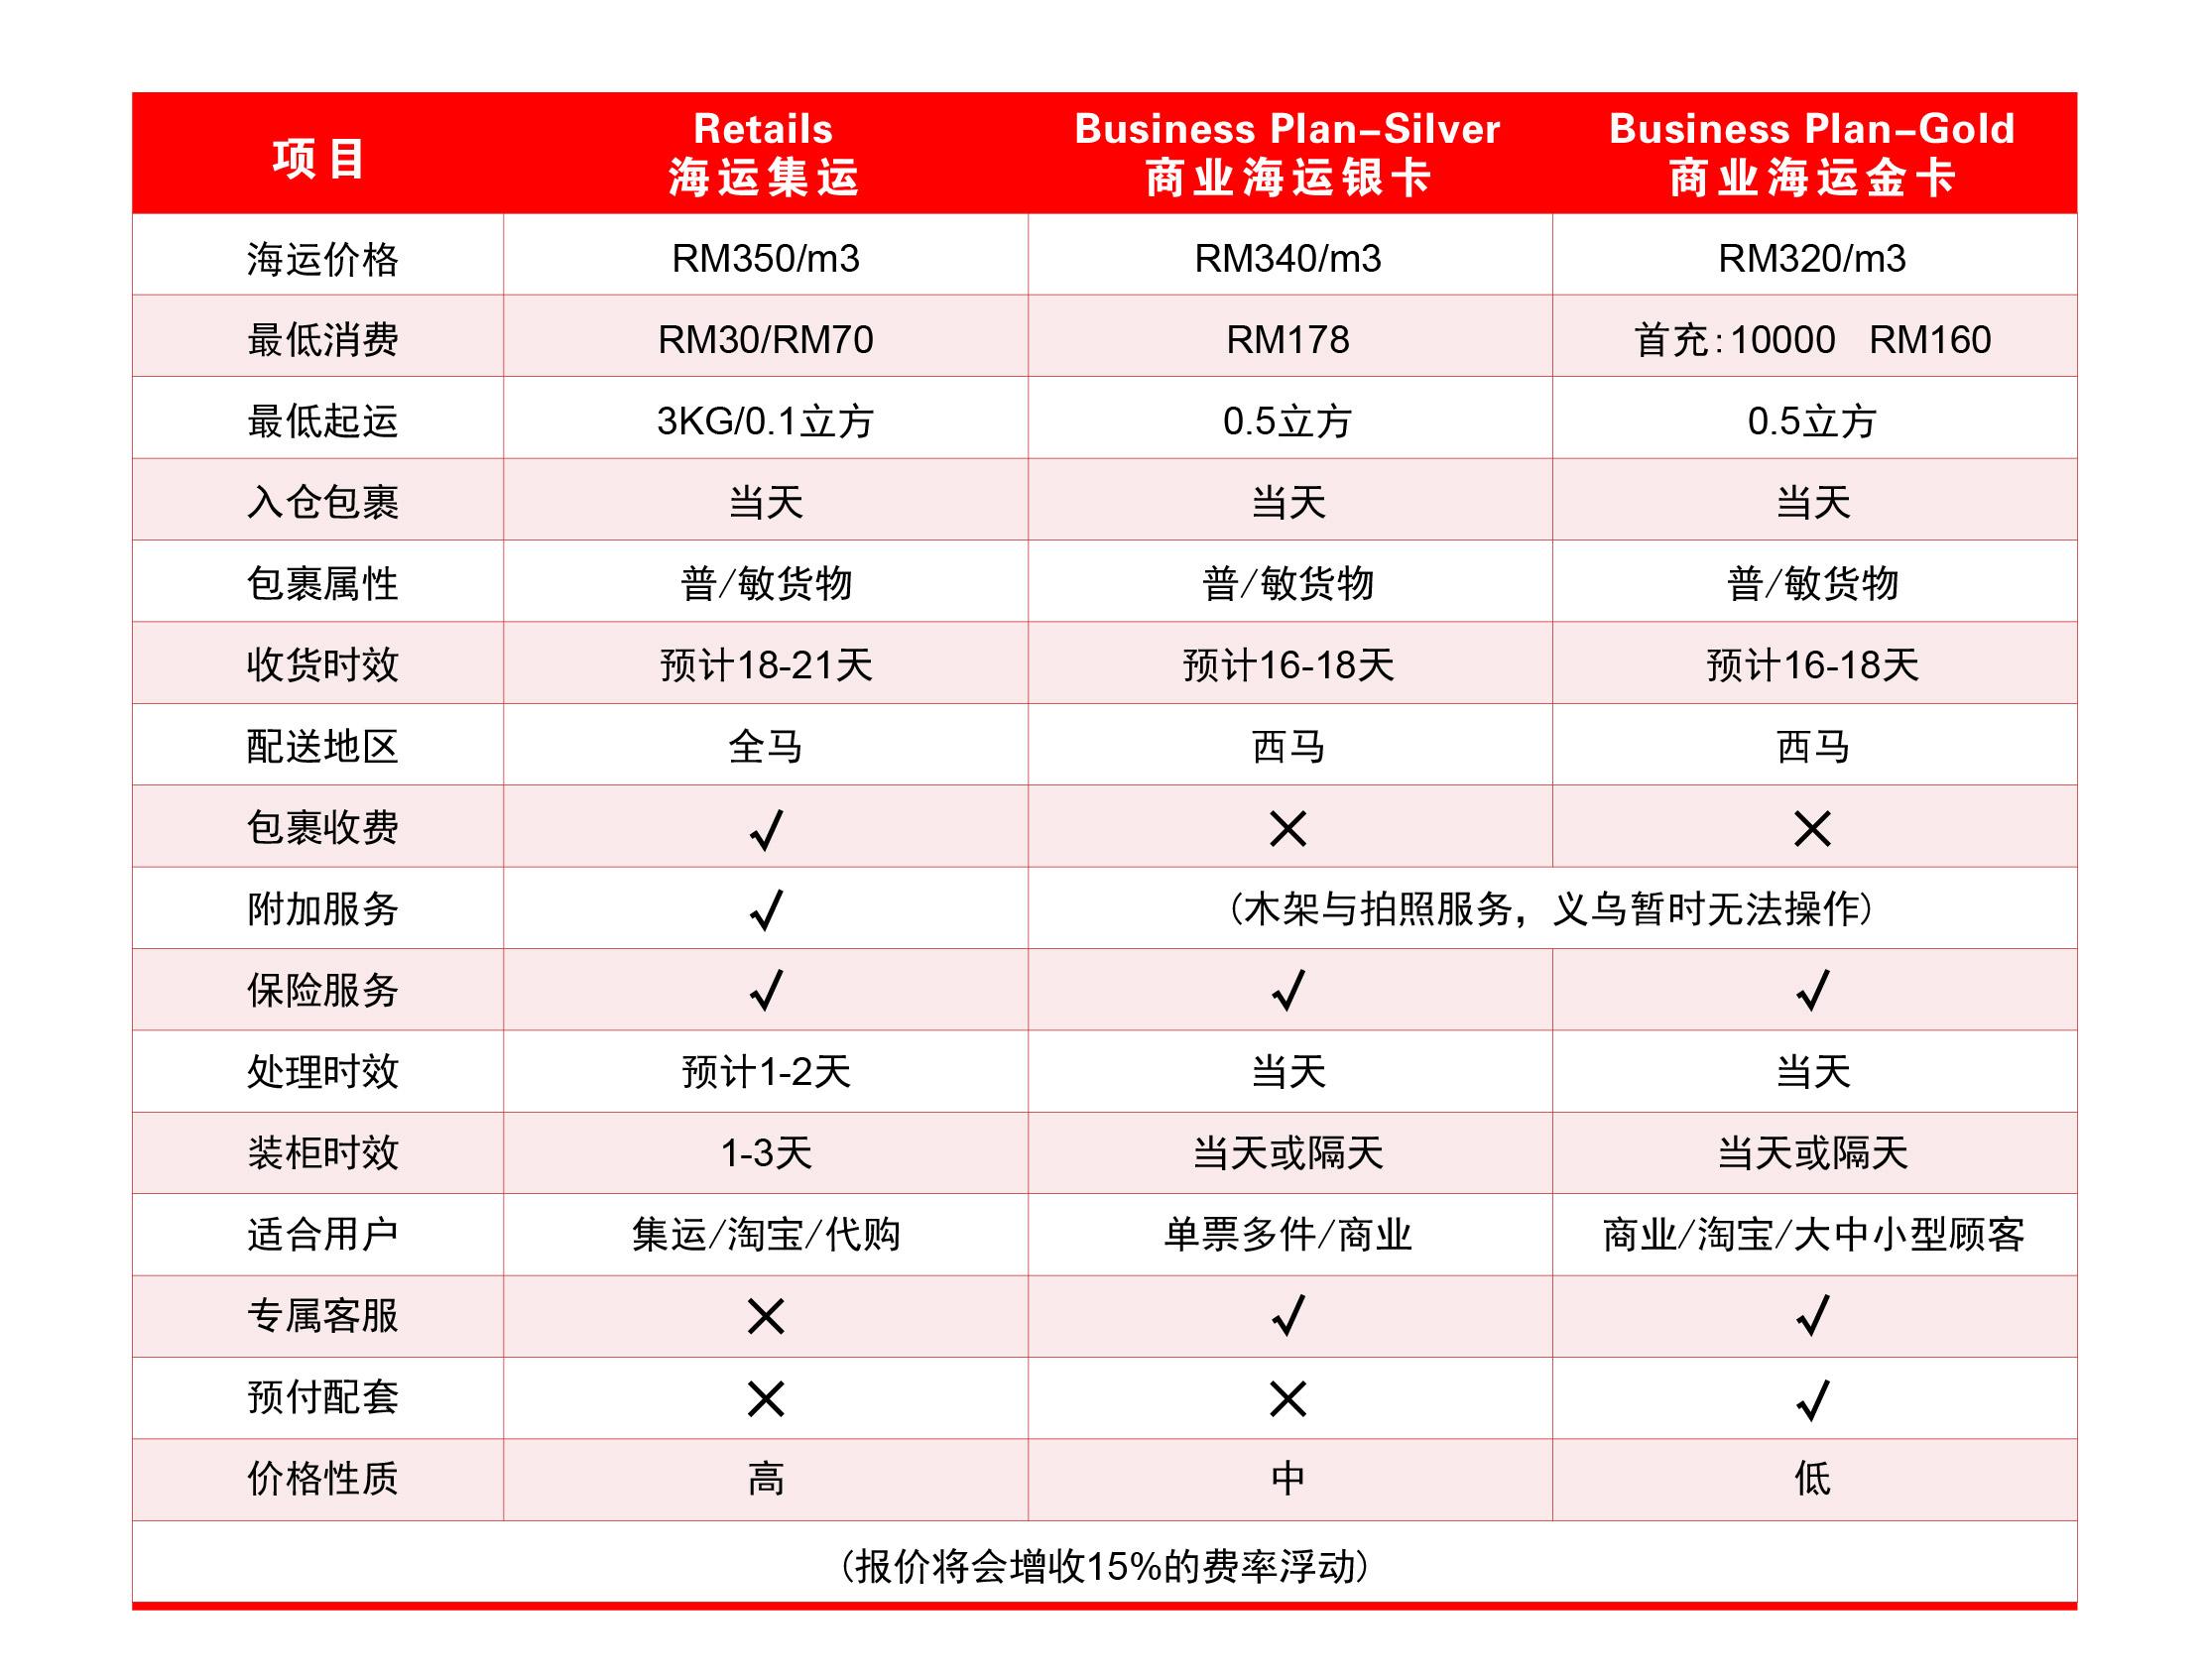 中国马来西亚海运价格对比